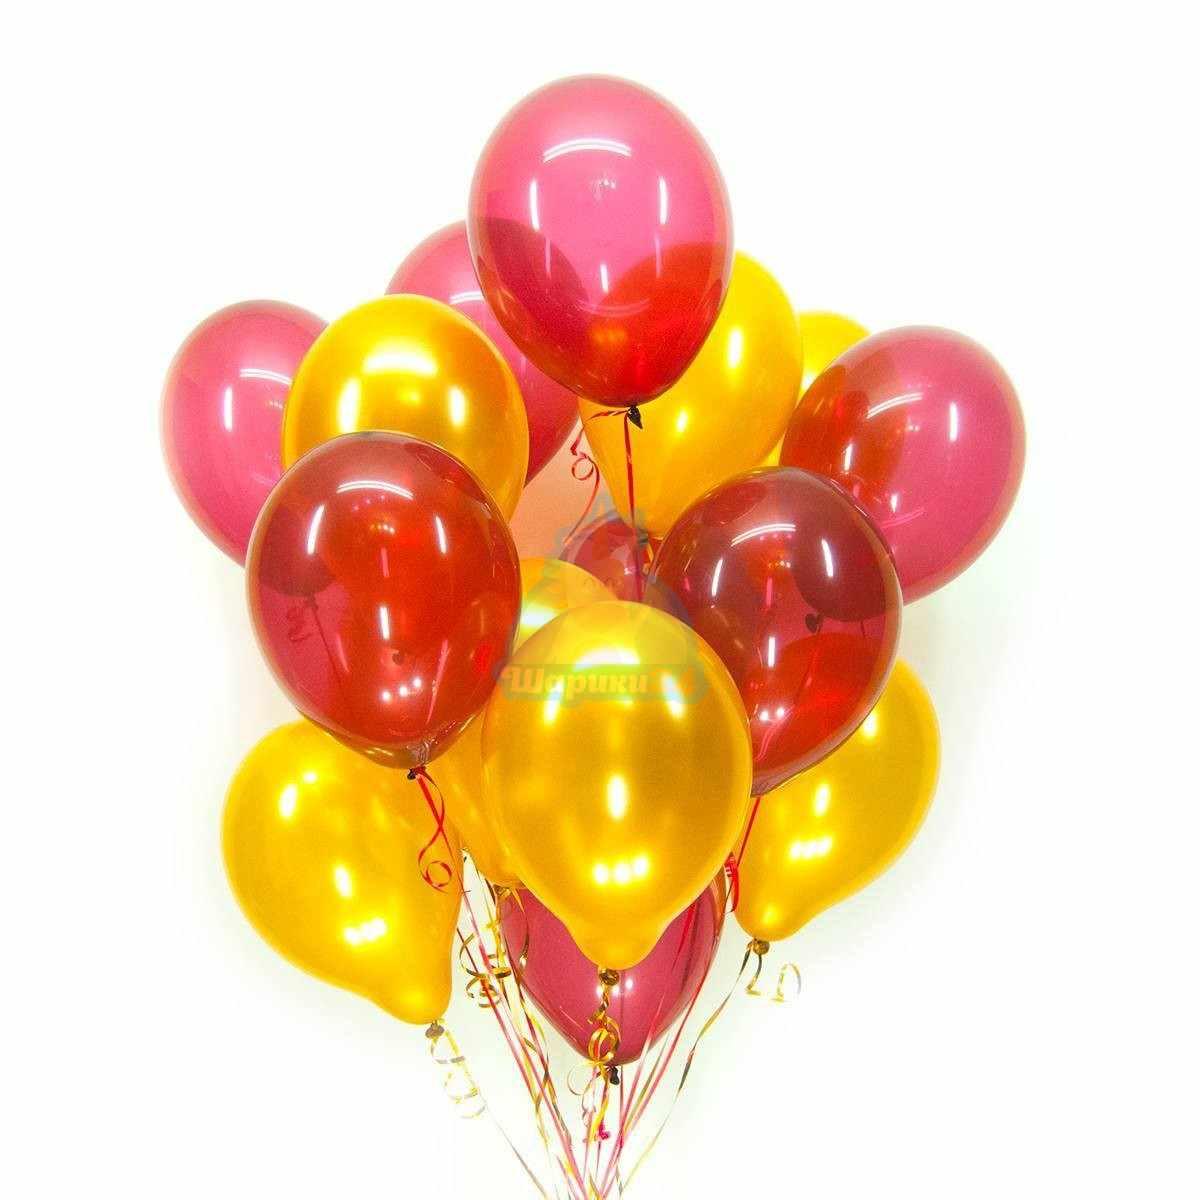 Золотые с красными шары фото в интернет-магазине Шарики 24